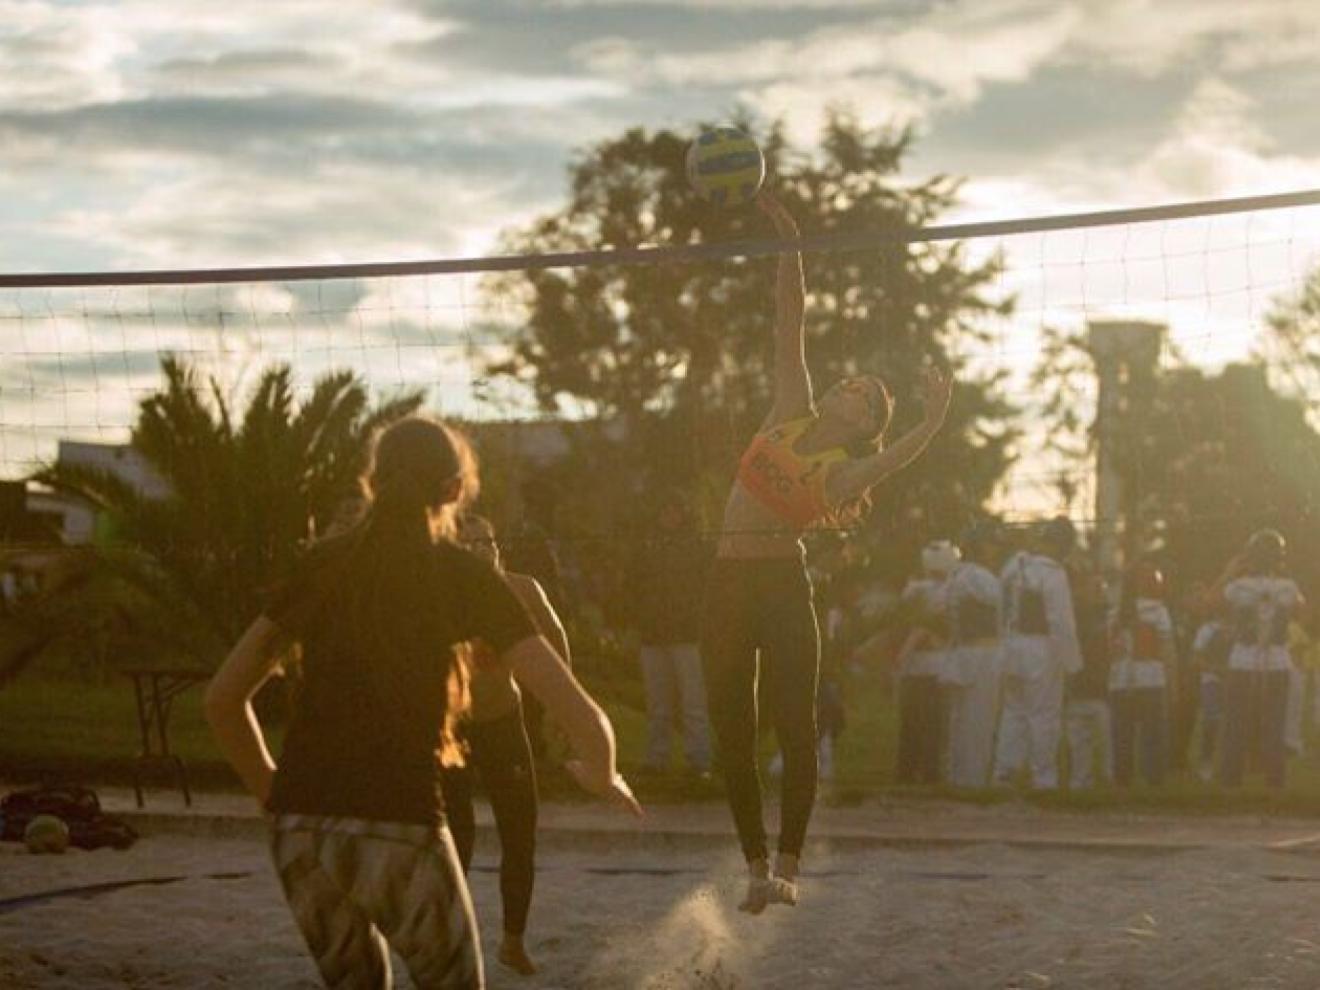 The annual beach volleyball tournament at the Festival de Verano